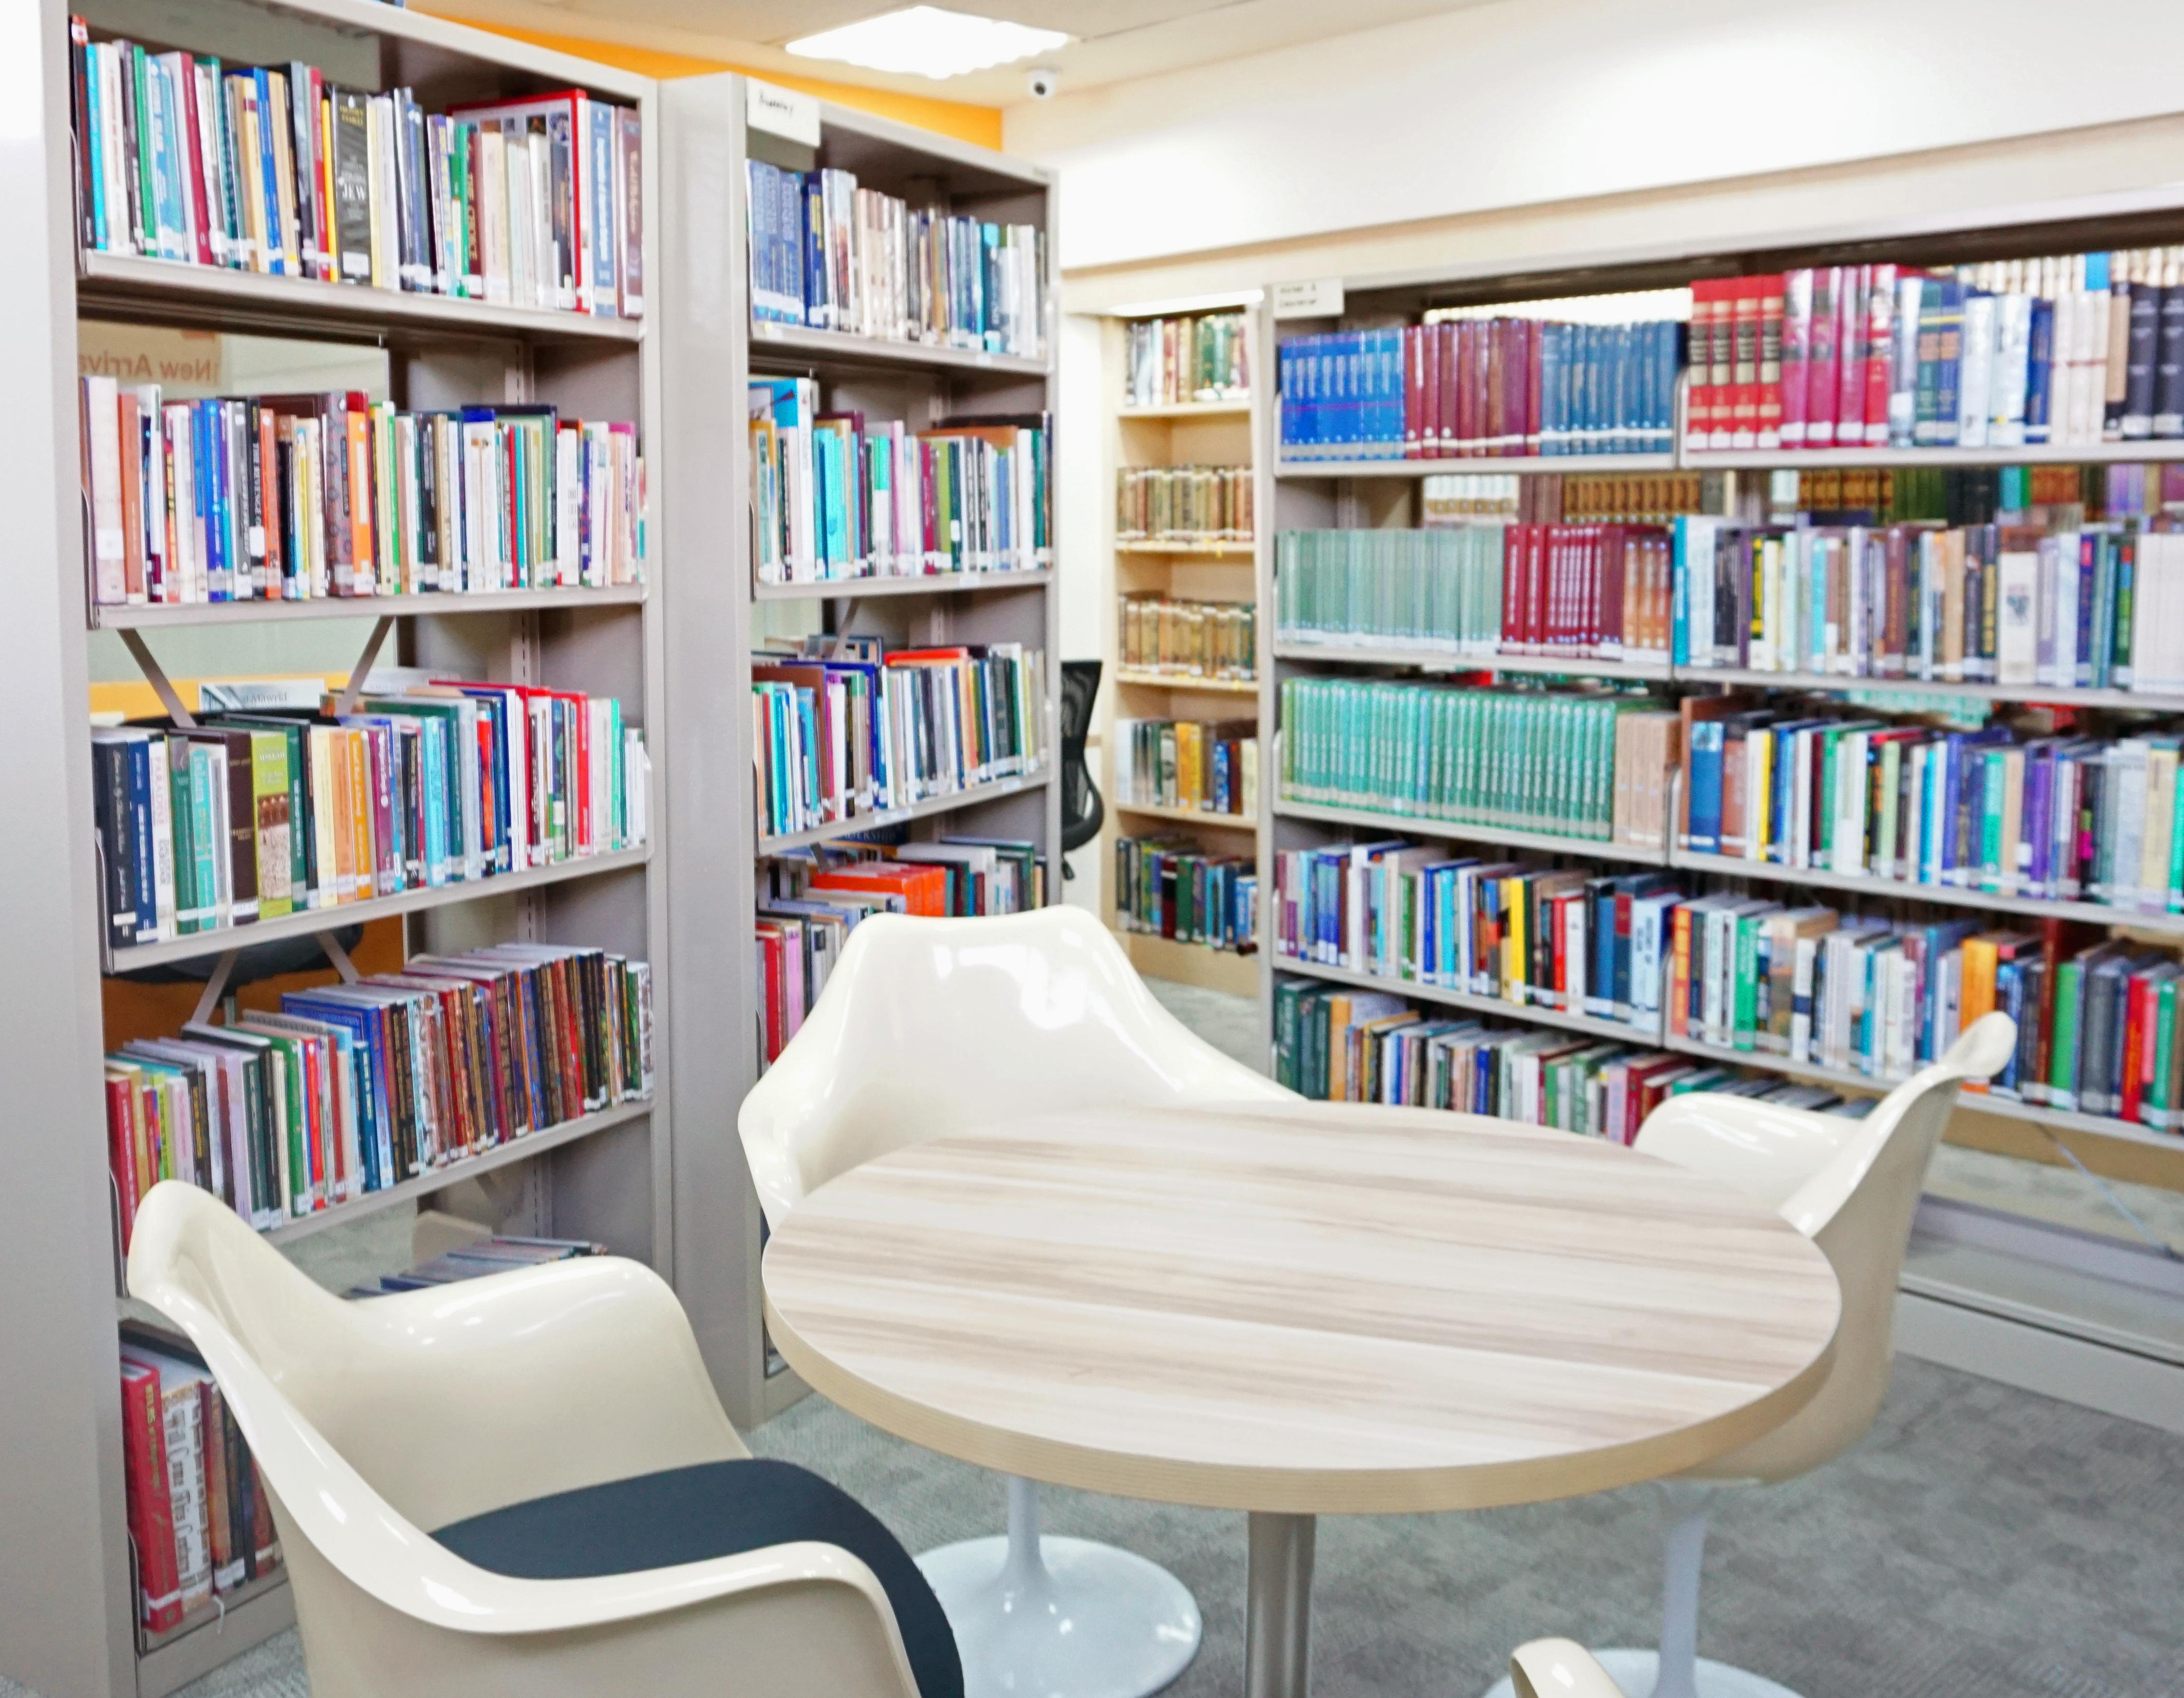 Al-Mawrid Library